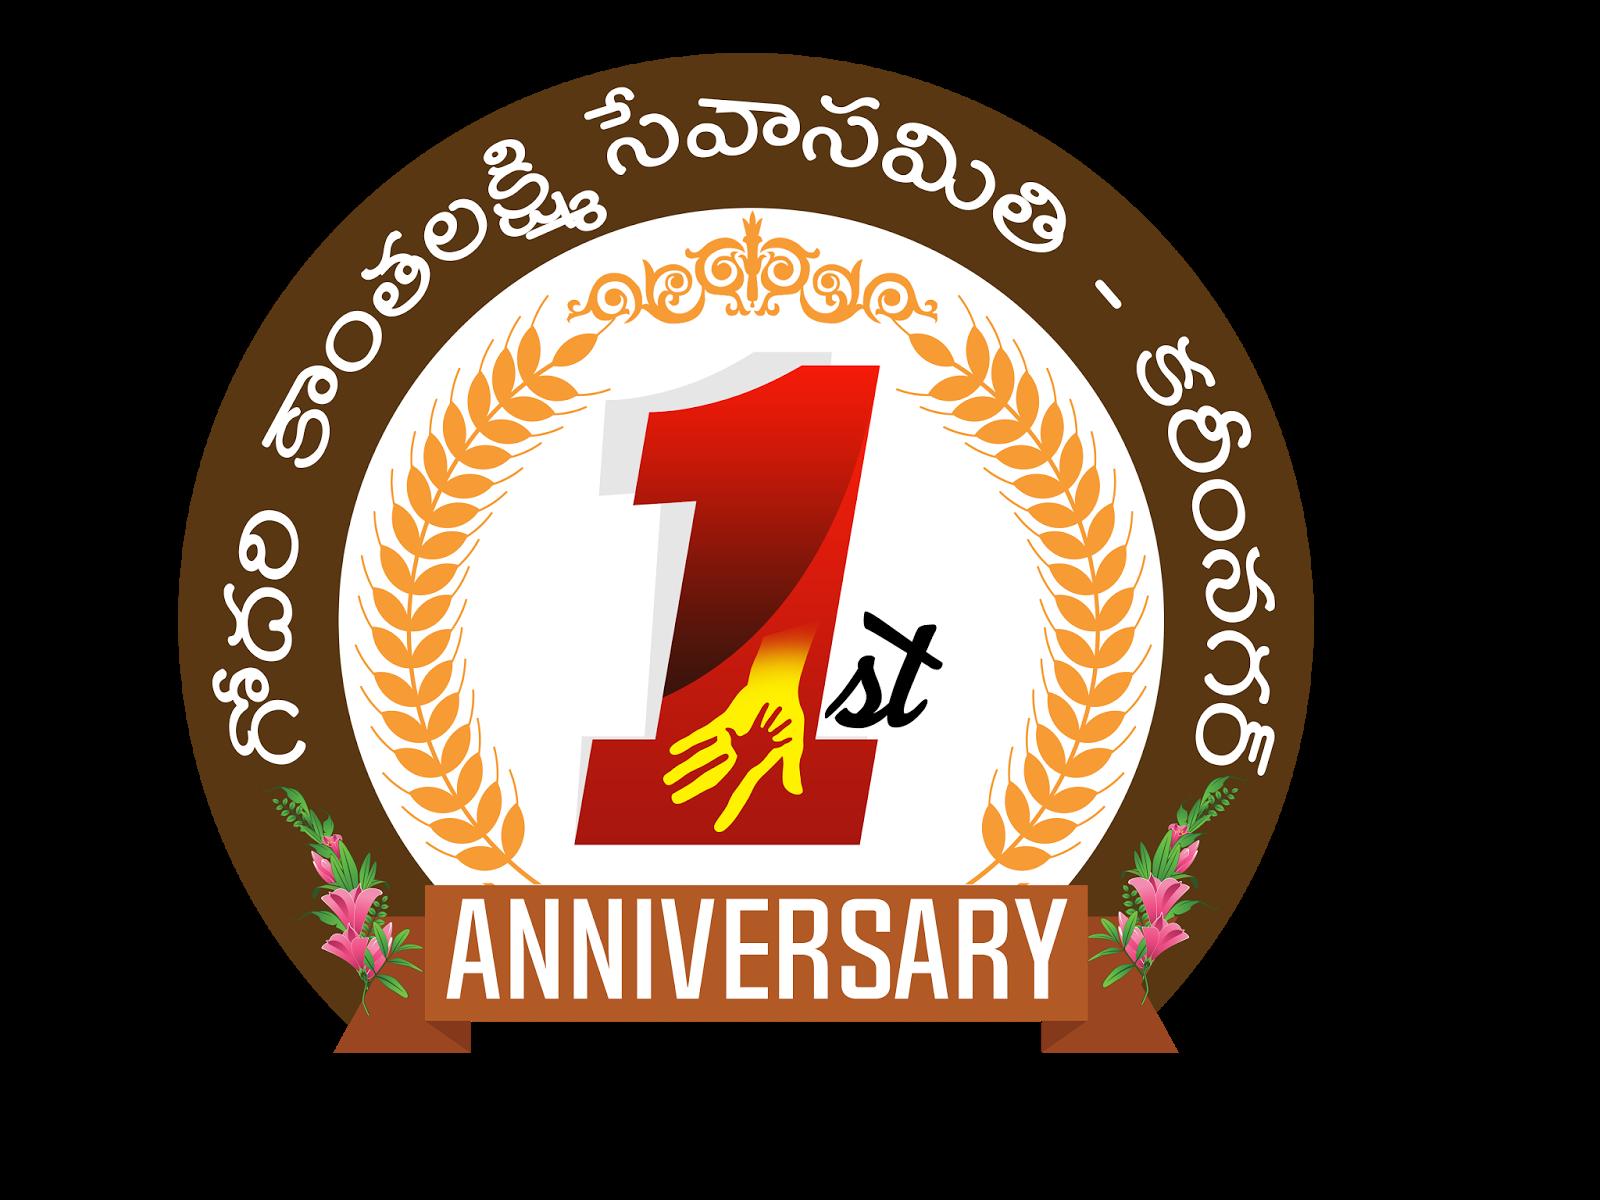 godari kanthalaxmi seva samithi PNG logo free downloads ...